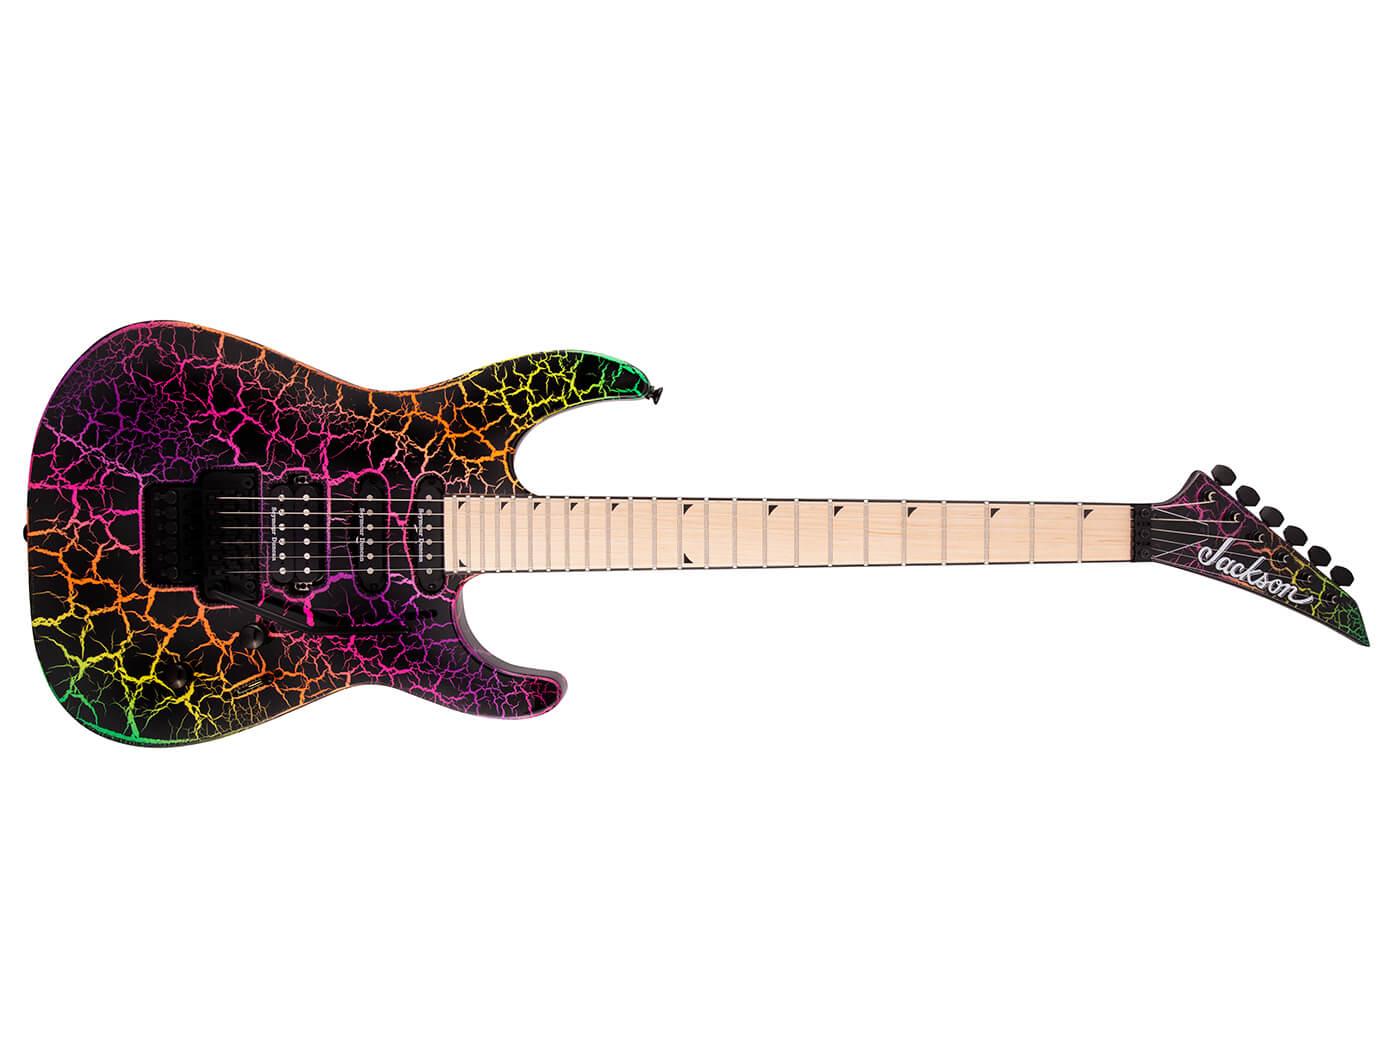 Pro Series Soloist SL3M Rainbow Crackle